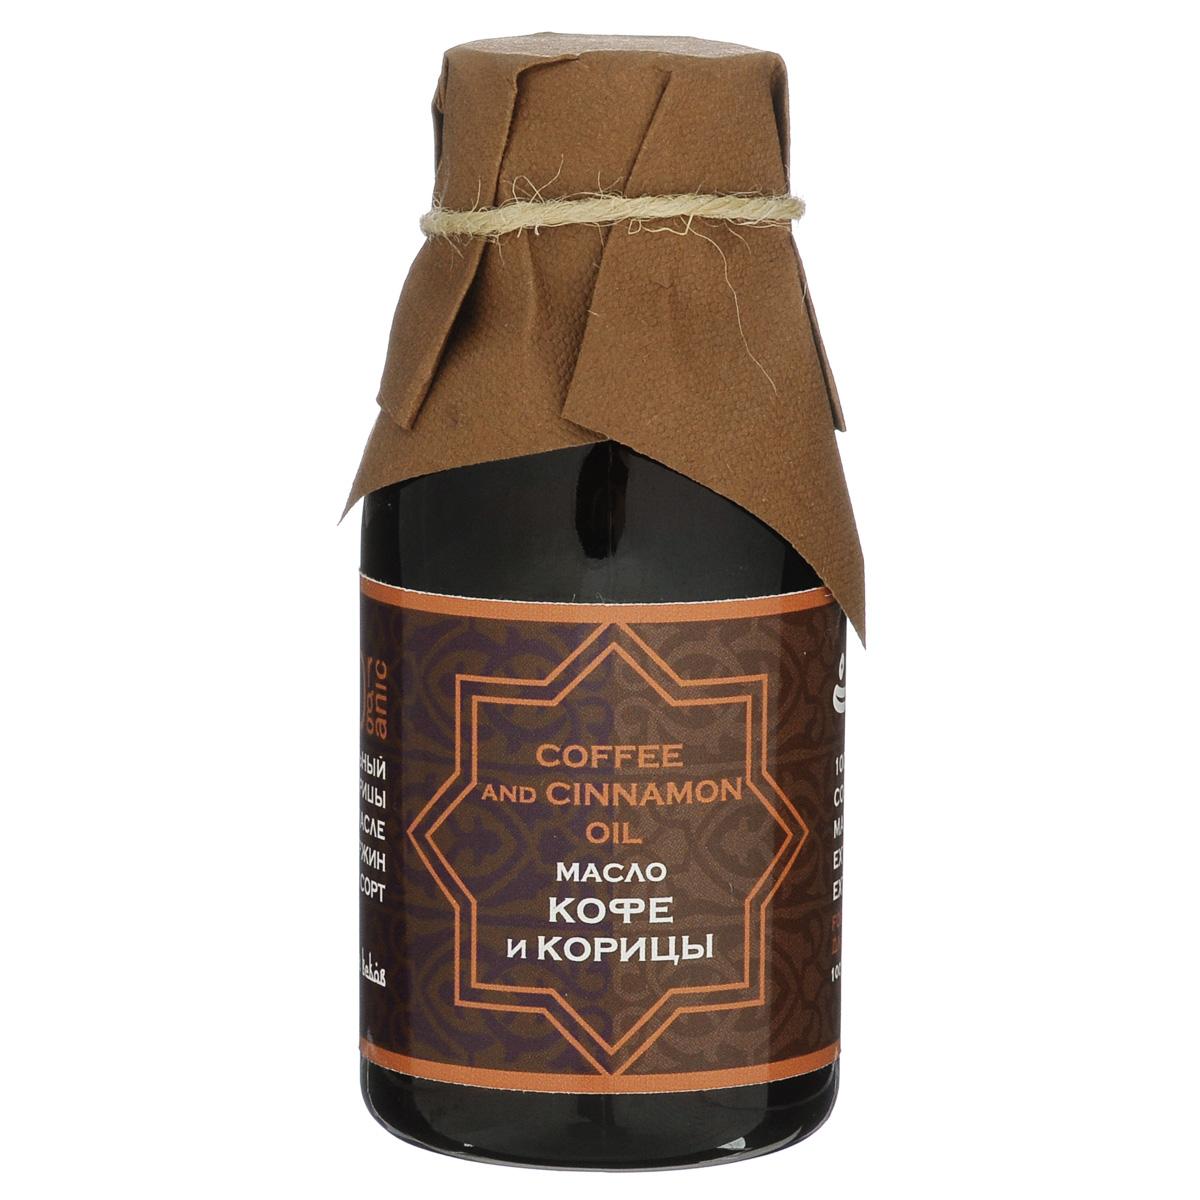 Зейтун Масляный экстракт Кофе и корица, 100 млБ63003 мятаМацерат — это продукт, получаемый при масляной экстракции молотого кофе и корицы, который впитал в себя всю их пользу и силу. Мацерат кофе и корица насыщает кожу дивным ароматом, а помимо того, увлажняет и тонизирует кожу, способствует обновлению клеток и выравниванию кожного покрова. Также, при регулярном использовании, эти два компонента улучшают циркуляцию крови в глубоких слоях кожи, за счет чего способствуют похудению и обладают антицелюллитным свойством.Для волос это также весьма ценный продукт: кофе насыщает волосы силой и блеском, а корица ускоряет их рост.